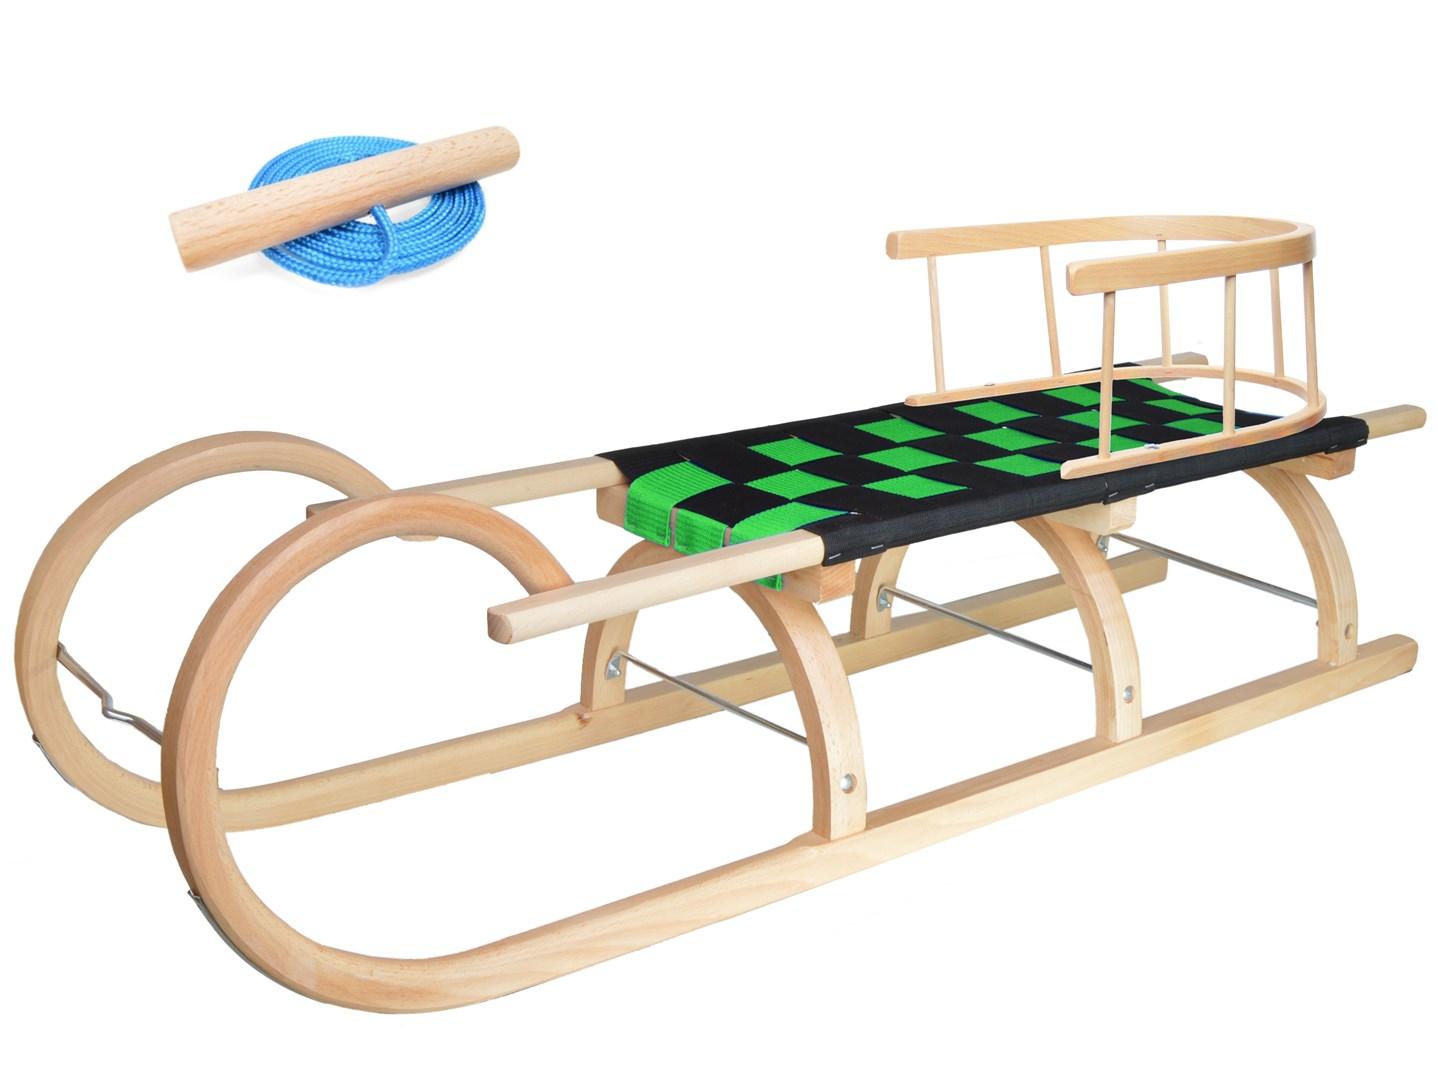 Dřevěné dětské sáňky se zeleným průpletem a ohrádkou